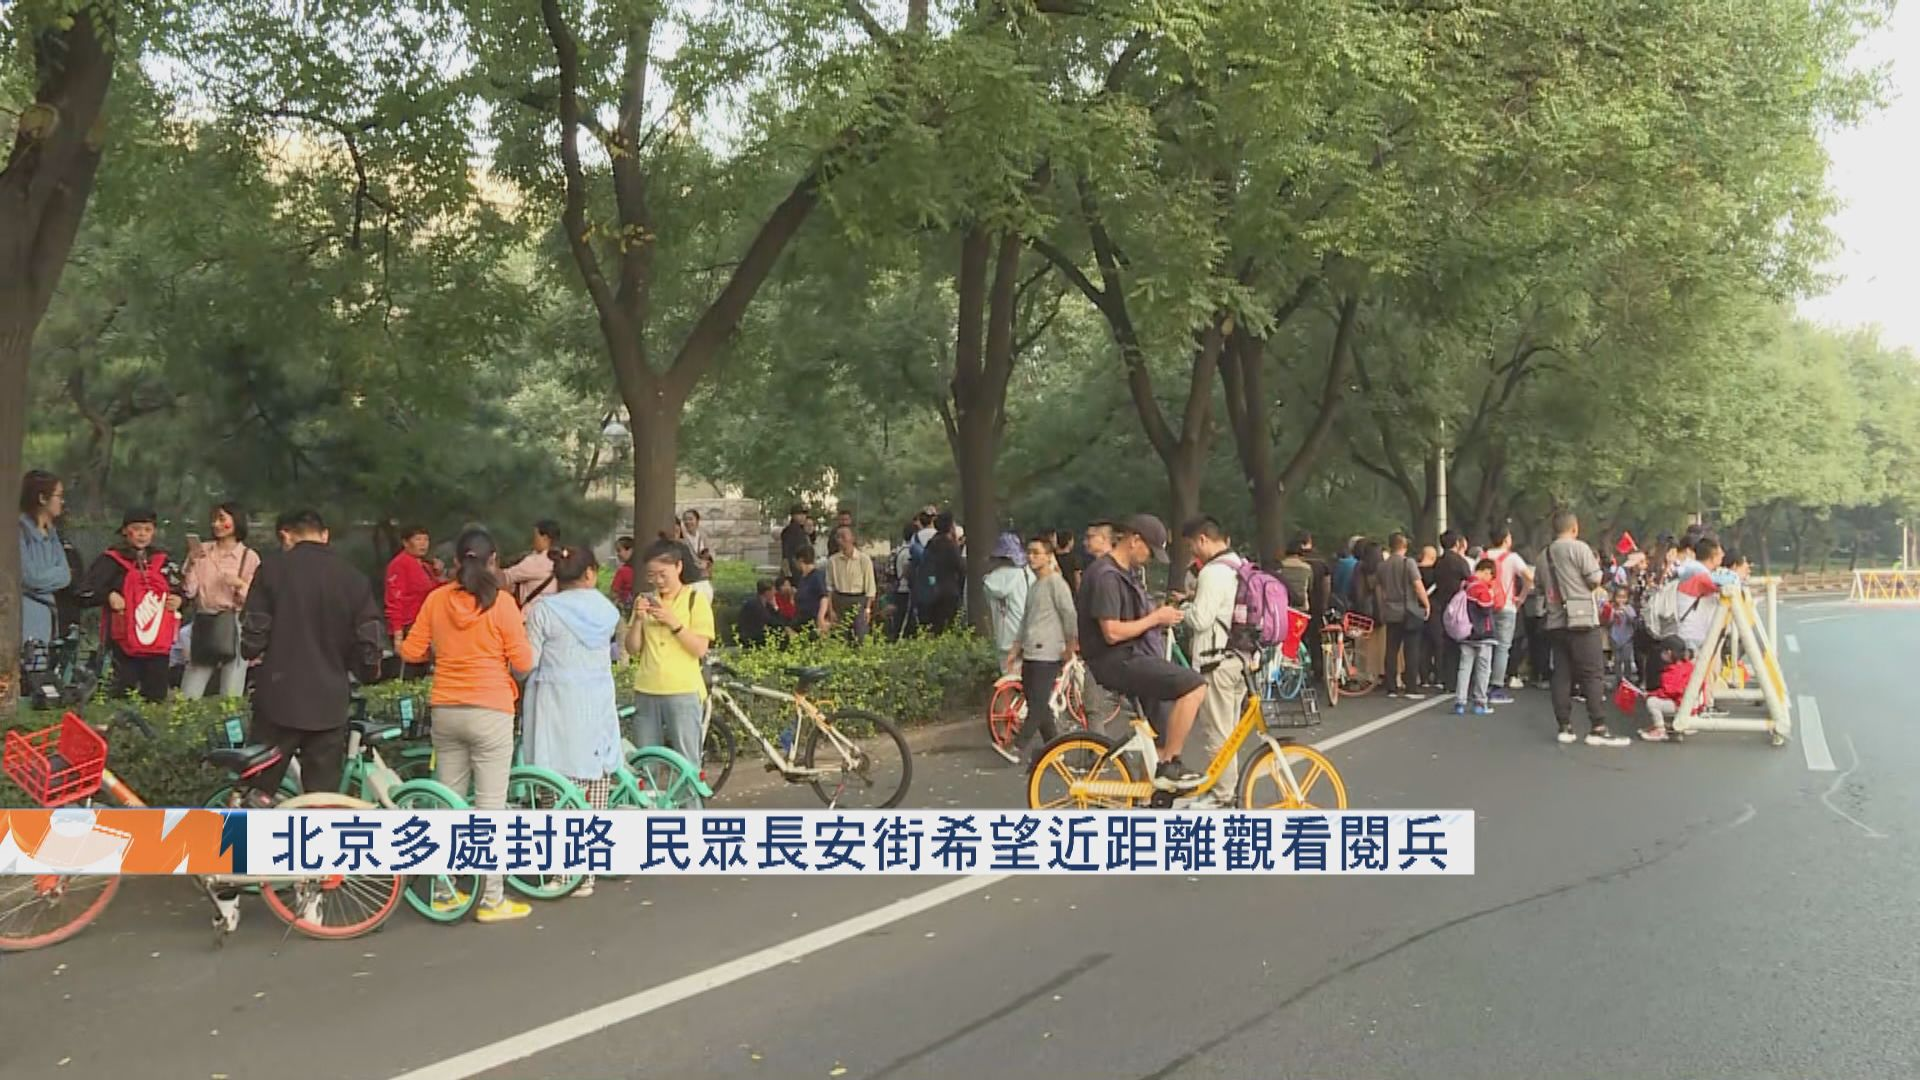 北京多處封路 民眾長安街盼近距離觀看閱兵